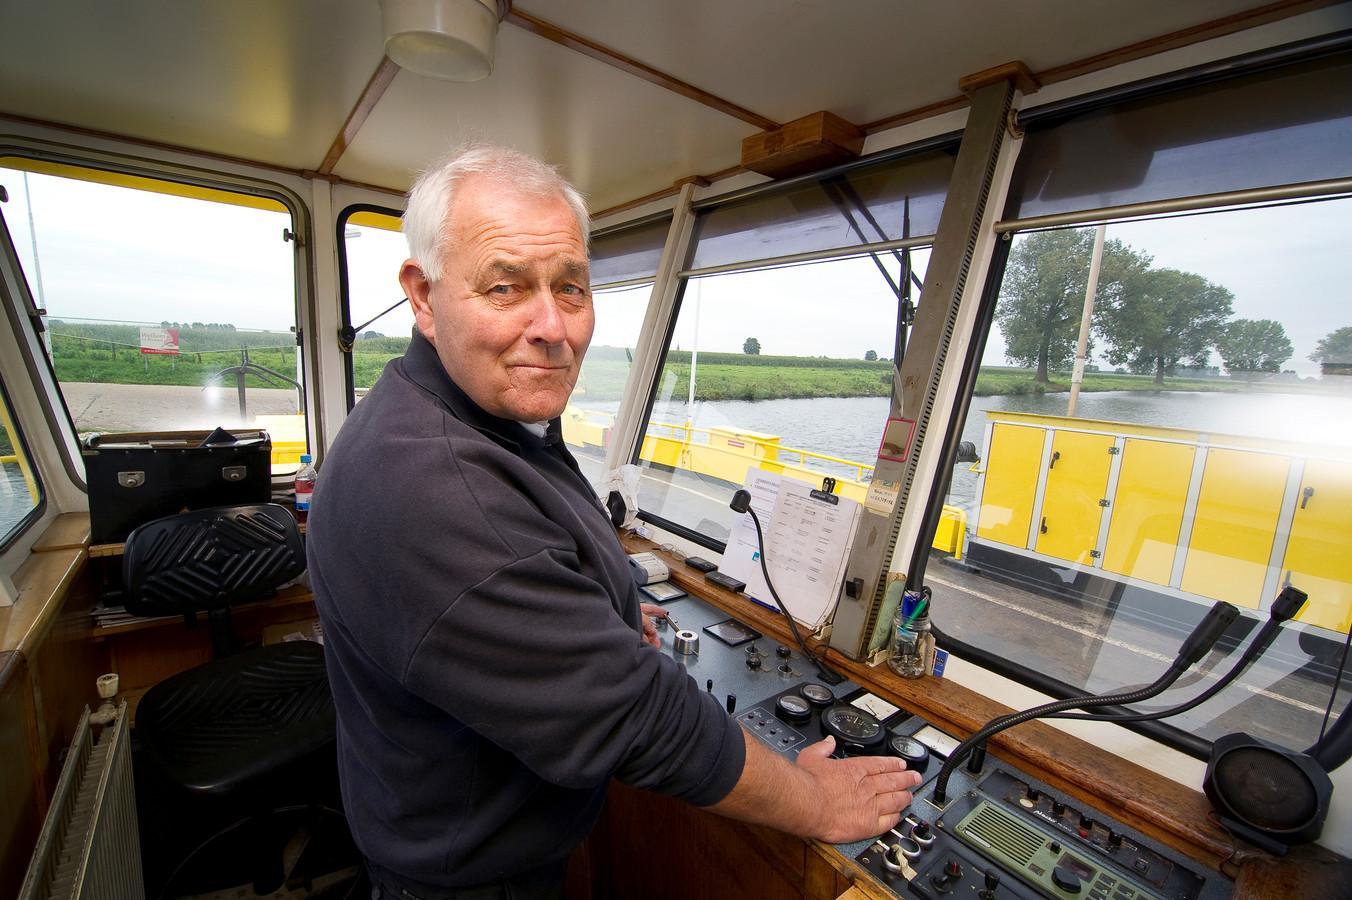 Wijlen Wim Borneman bij zijn pensionering als veerman op de pont tussen Maasbommel en Megen.